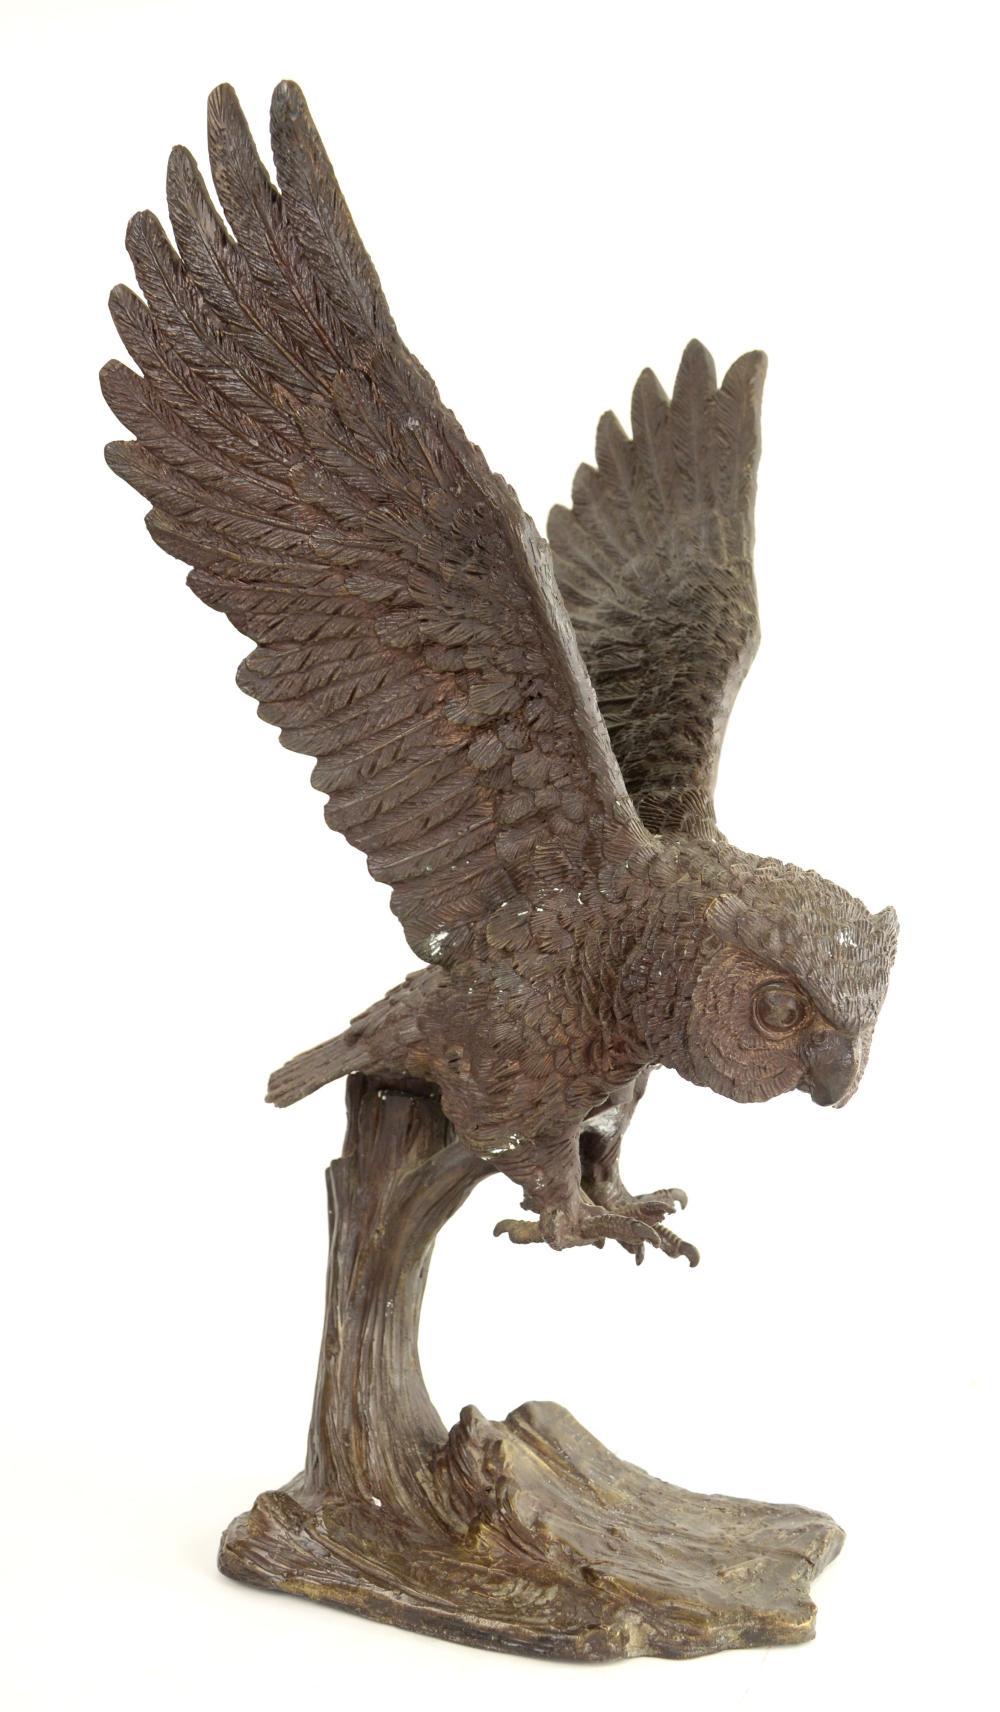 Bronze sculpture of an owl in flight, 60cm high